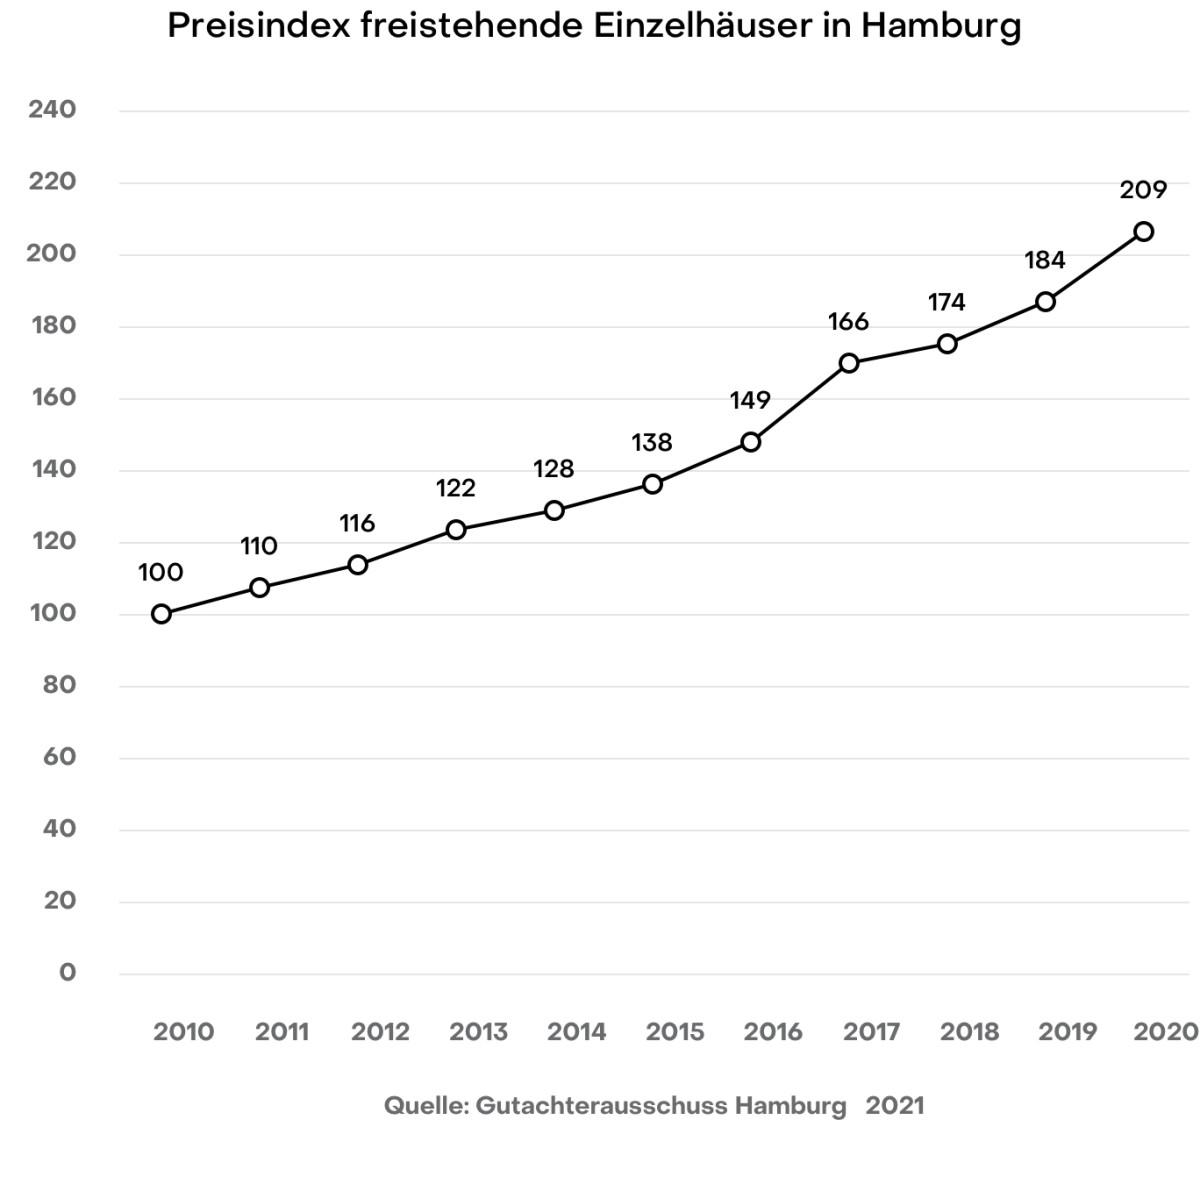 Hamburg Preisindex freistehende Einzelhäuser Gutachterausschuss 2020